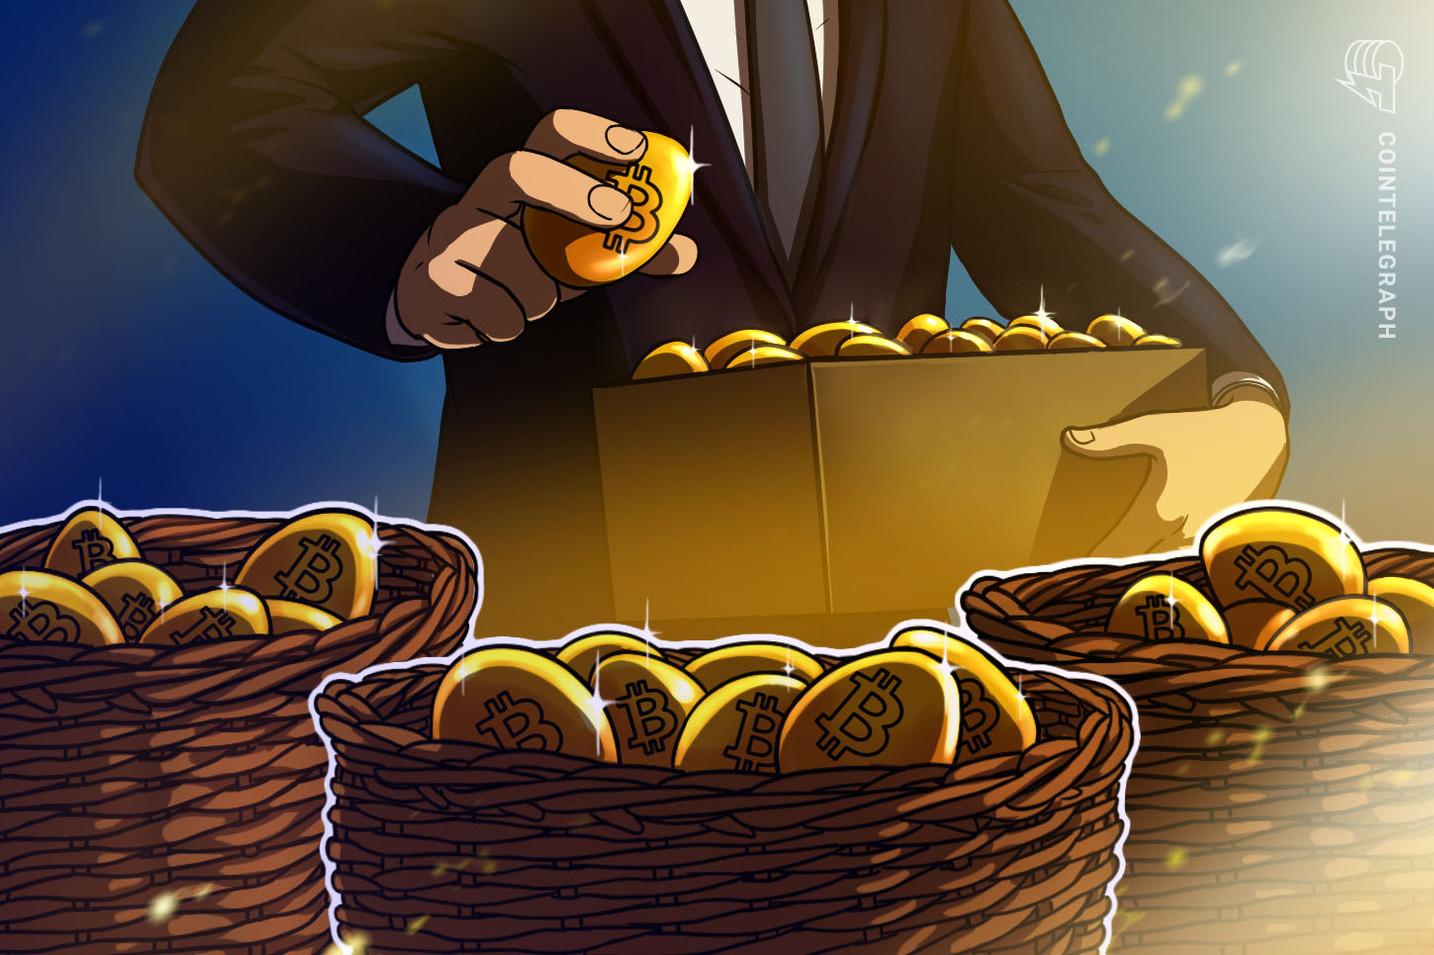 Bitcoin macht es wieder: Japanischer Spieleentwickler Nexon investiert 100 Mio. US-Dollar